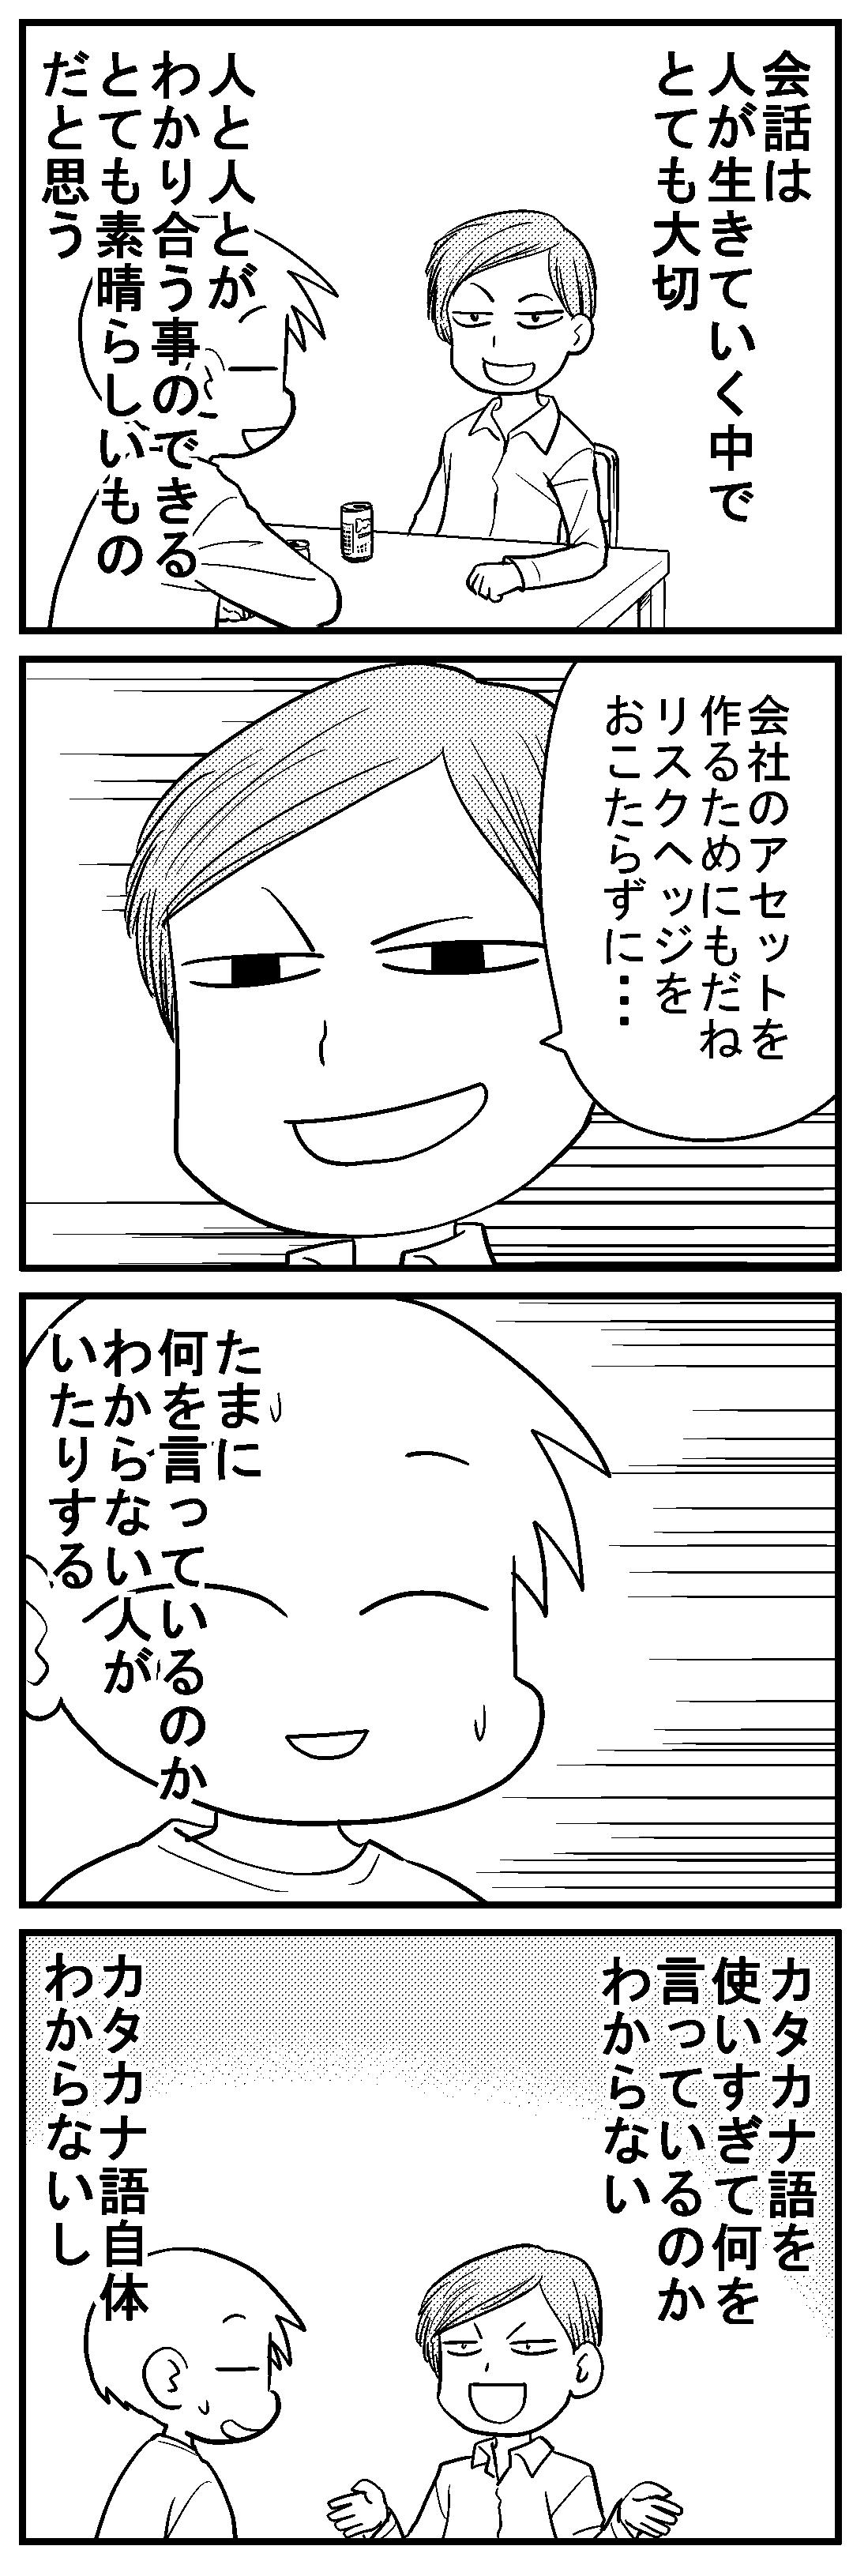 深読みくん31 1